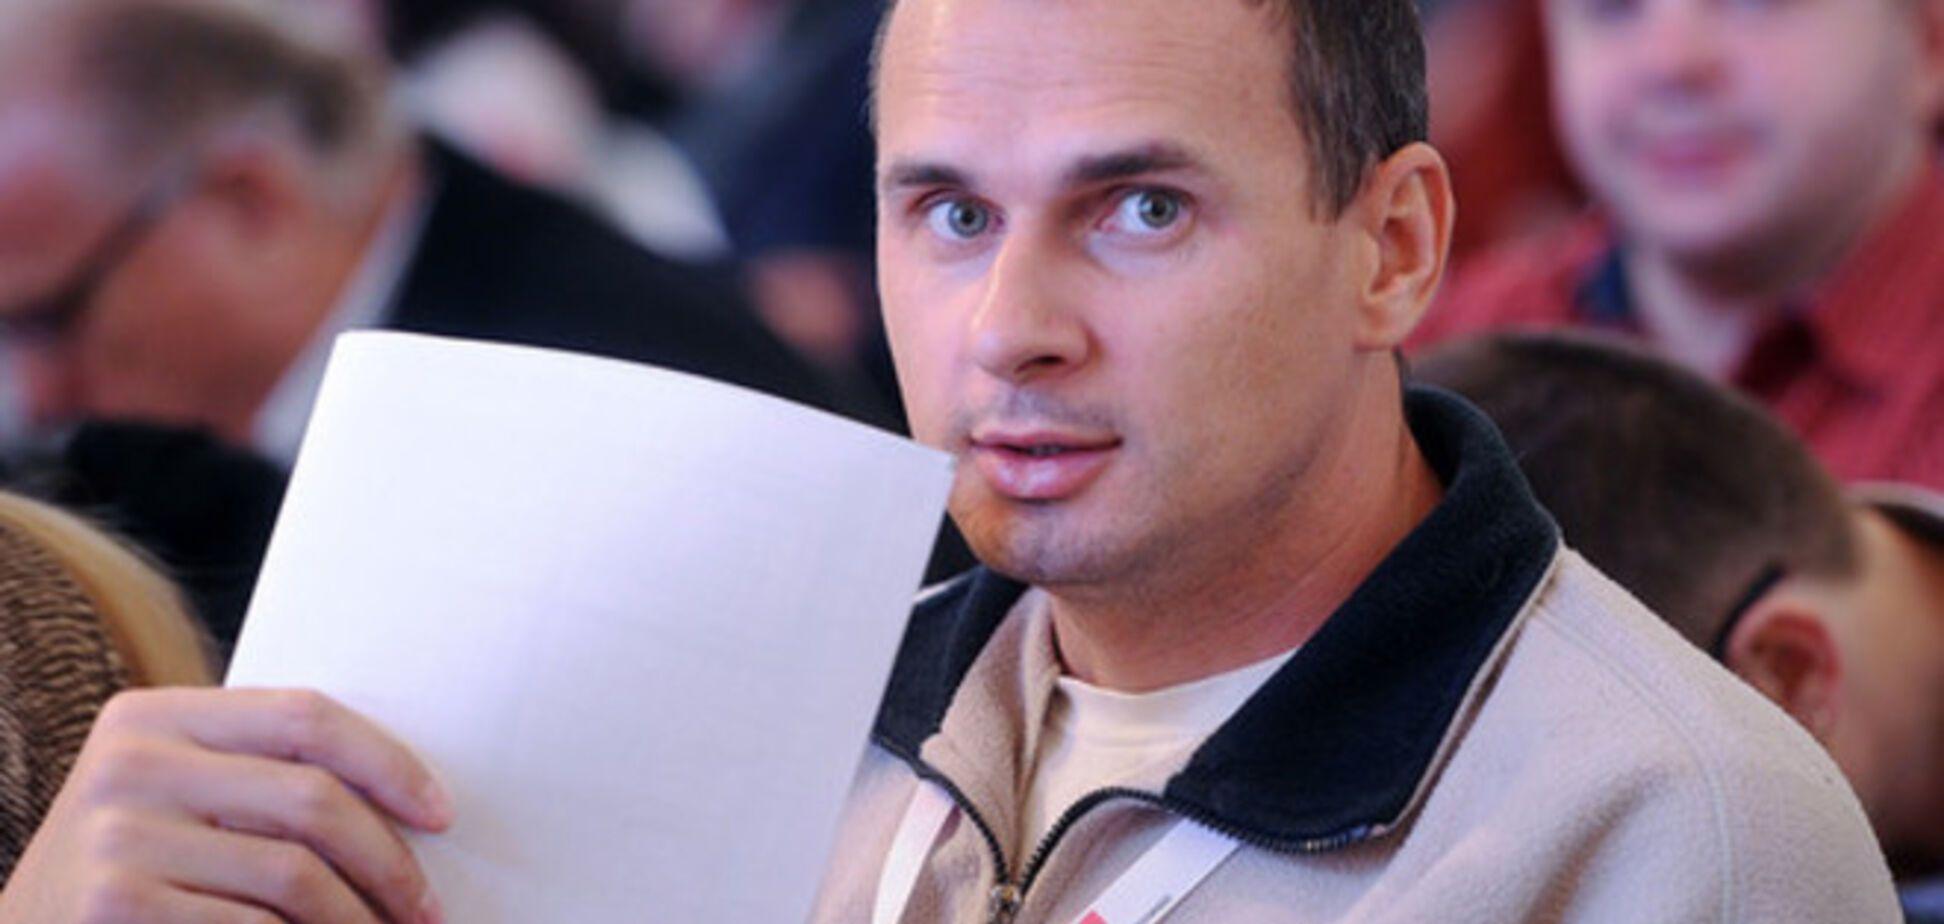 ФСБ заявляет, что задержала в Крыму членов 'Правого сектора' по подозрению в подготовке терактов